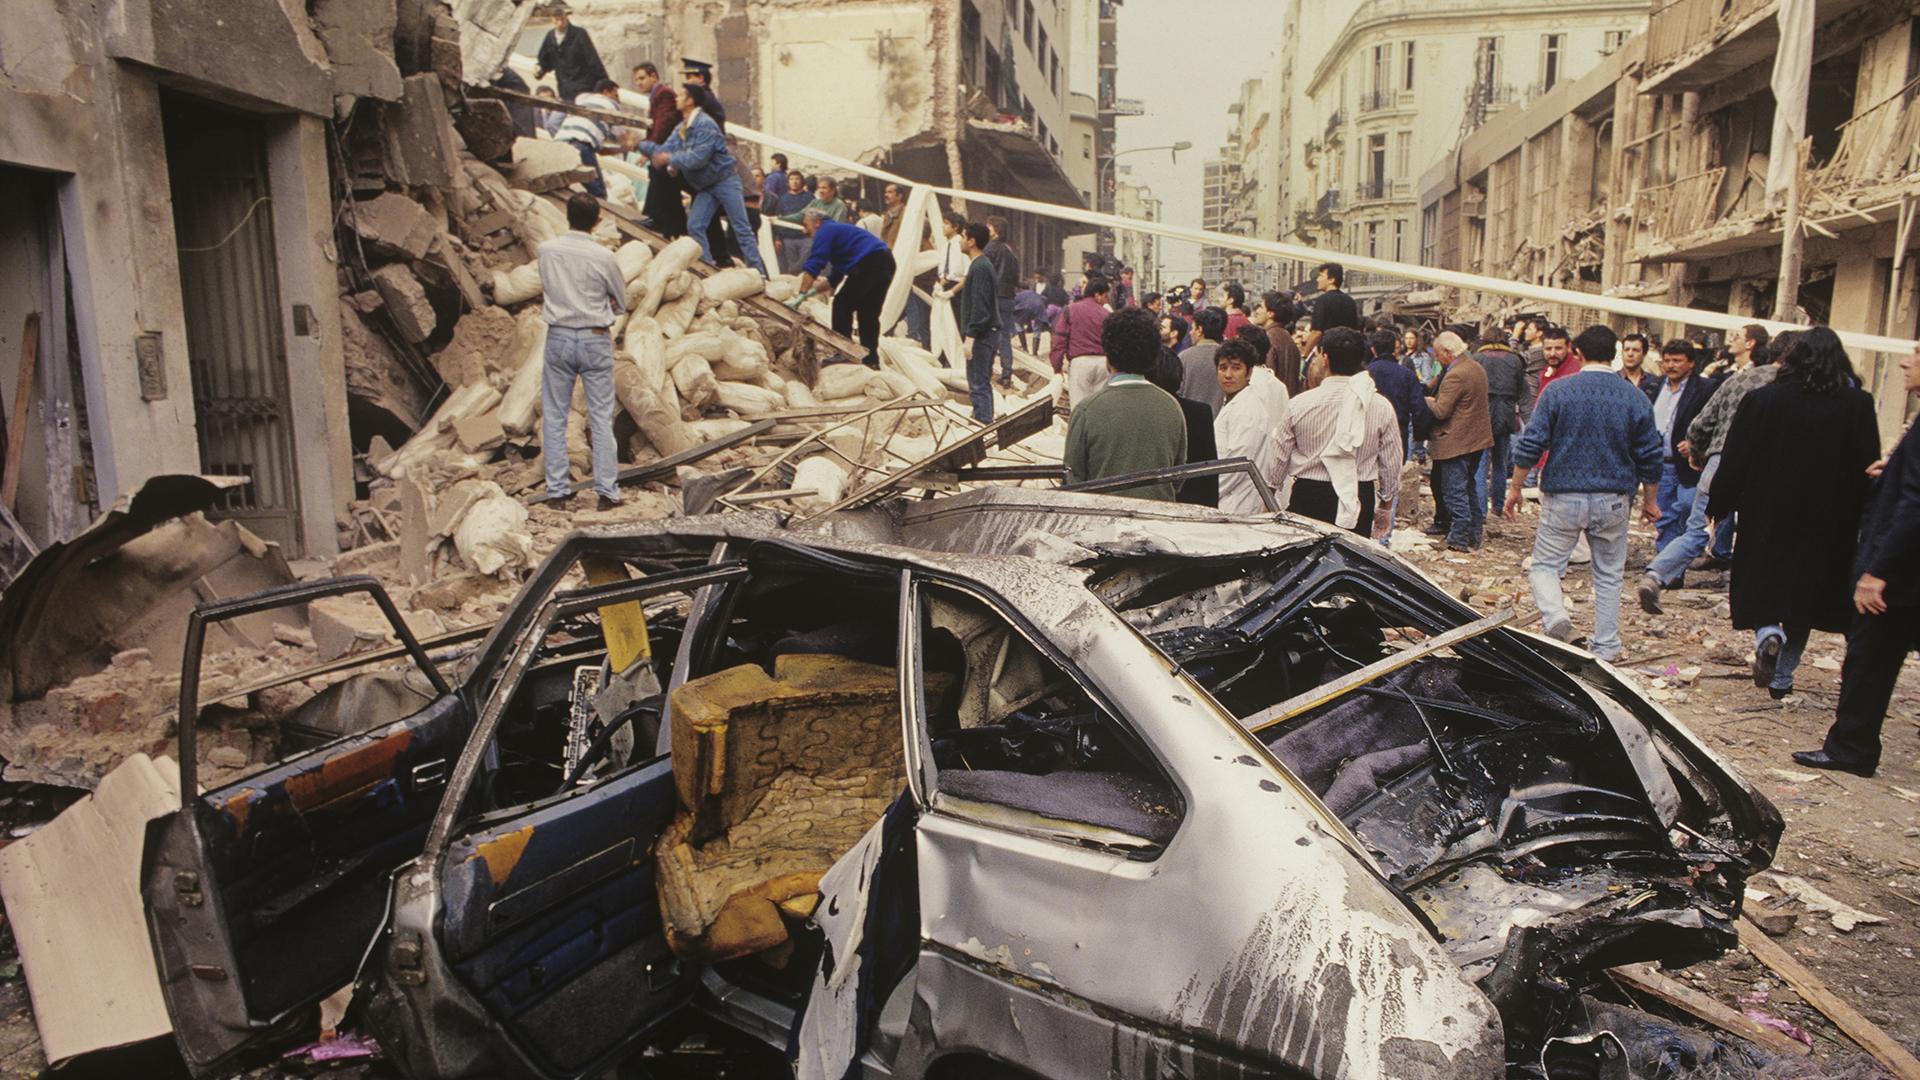 """La explosión traducida en los escombros, las fachadas de enfrente a la AMIA y el auto. El fotógrafo explicó: """"Esta imagen da un poco de magnitud del atentado. Fue una fotografía muy usada por los medios porque el primer plano del coche destruido genera muchas lecturas"""" (Julio Menajovsky)"""